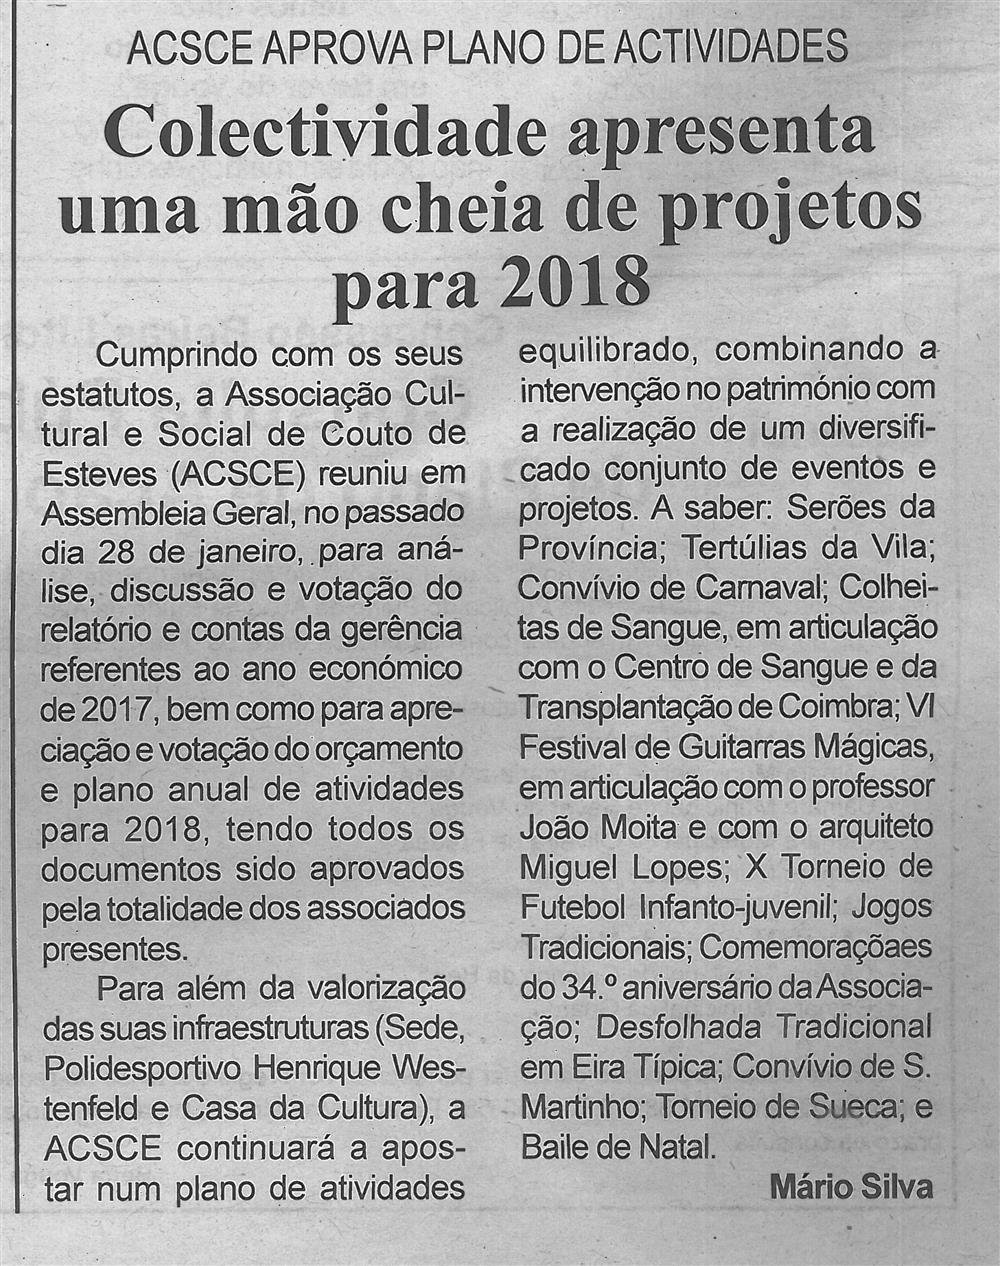 BV-1.ªfev.'18-p.5-Coletividade apresenta uma mão cheia de projetos para 2018 : ACSCE aprova plano de atividades.jpg